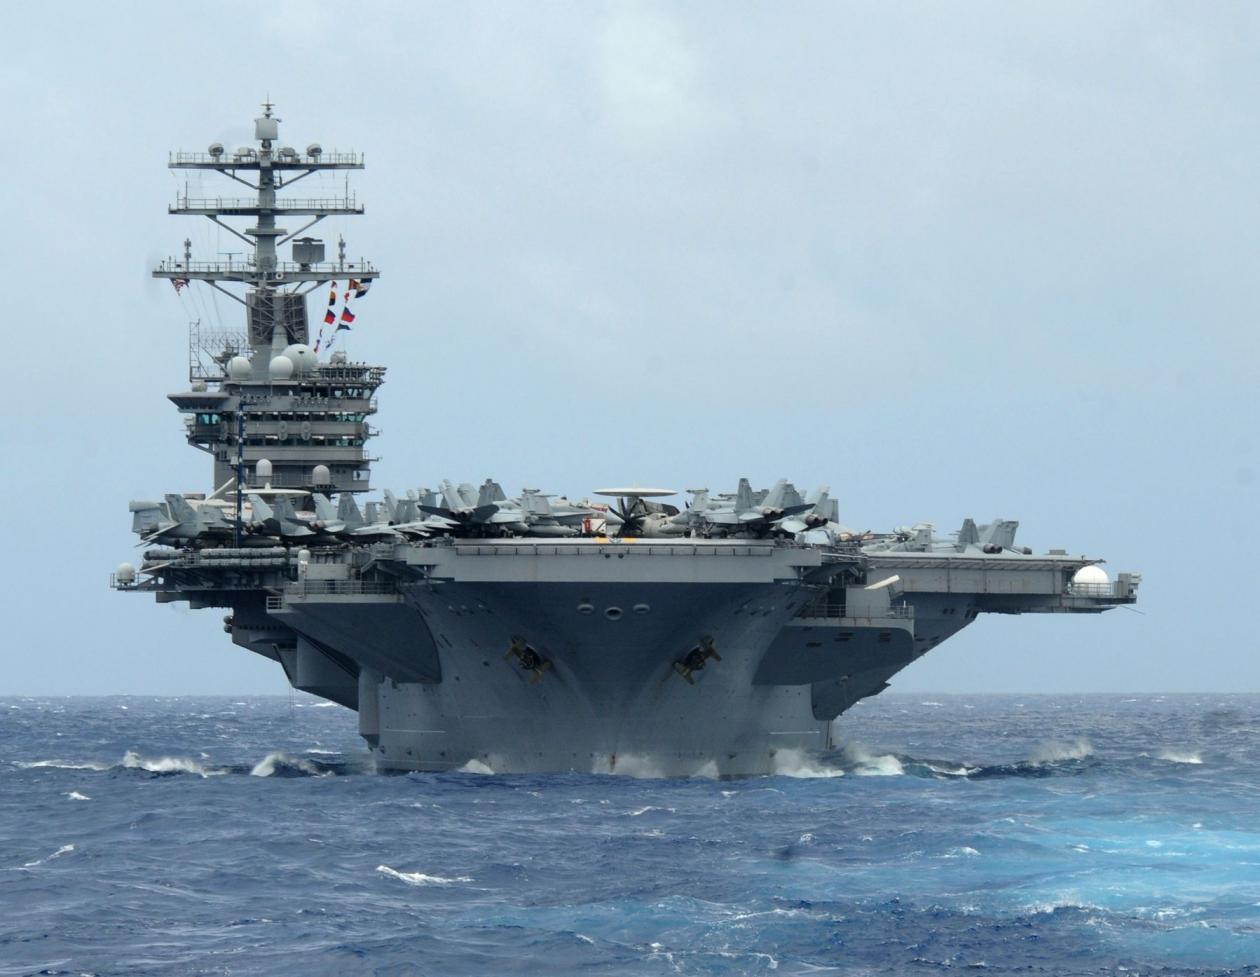 ناو هواپیمابر USS Theodore Roosevelt متعلق به نیروی دریایی ایالات متحده، با لقب «چماق بزرگ» (Big Stick) یکی از حفاظت شده ترین کشتی های جنگی است.